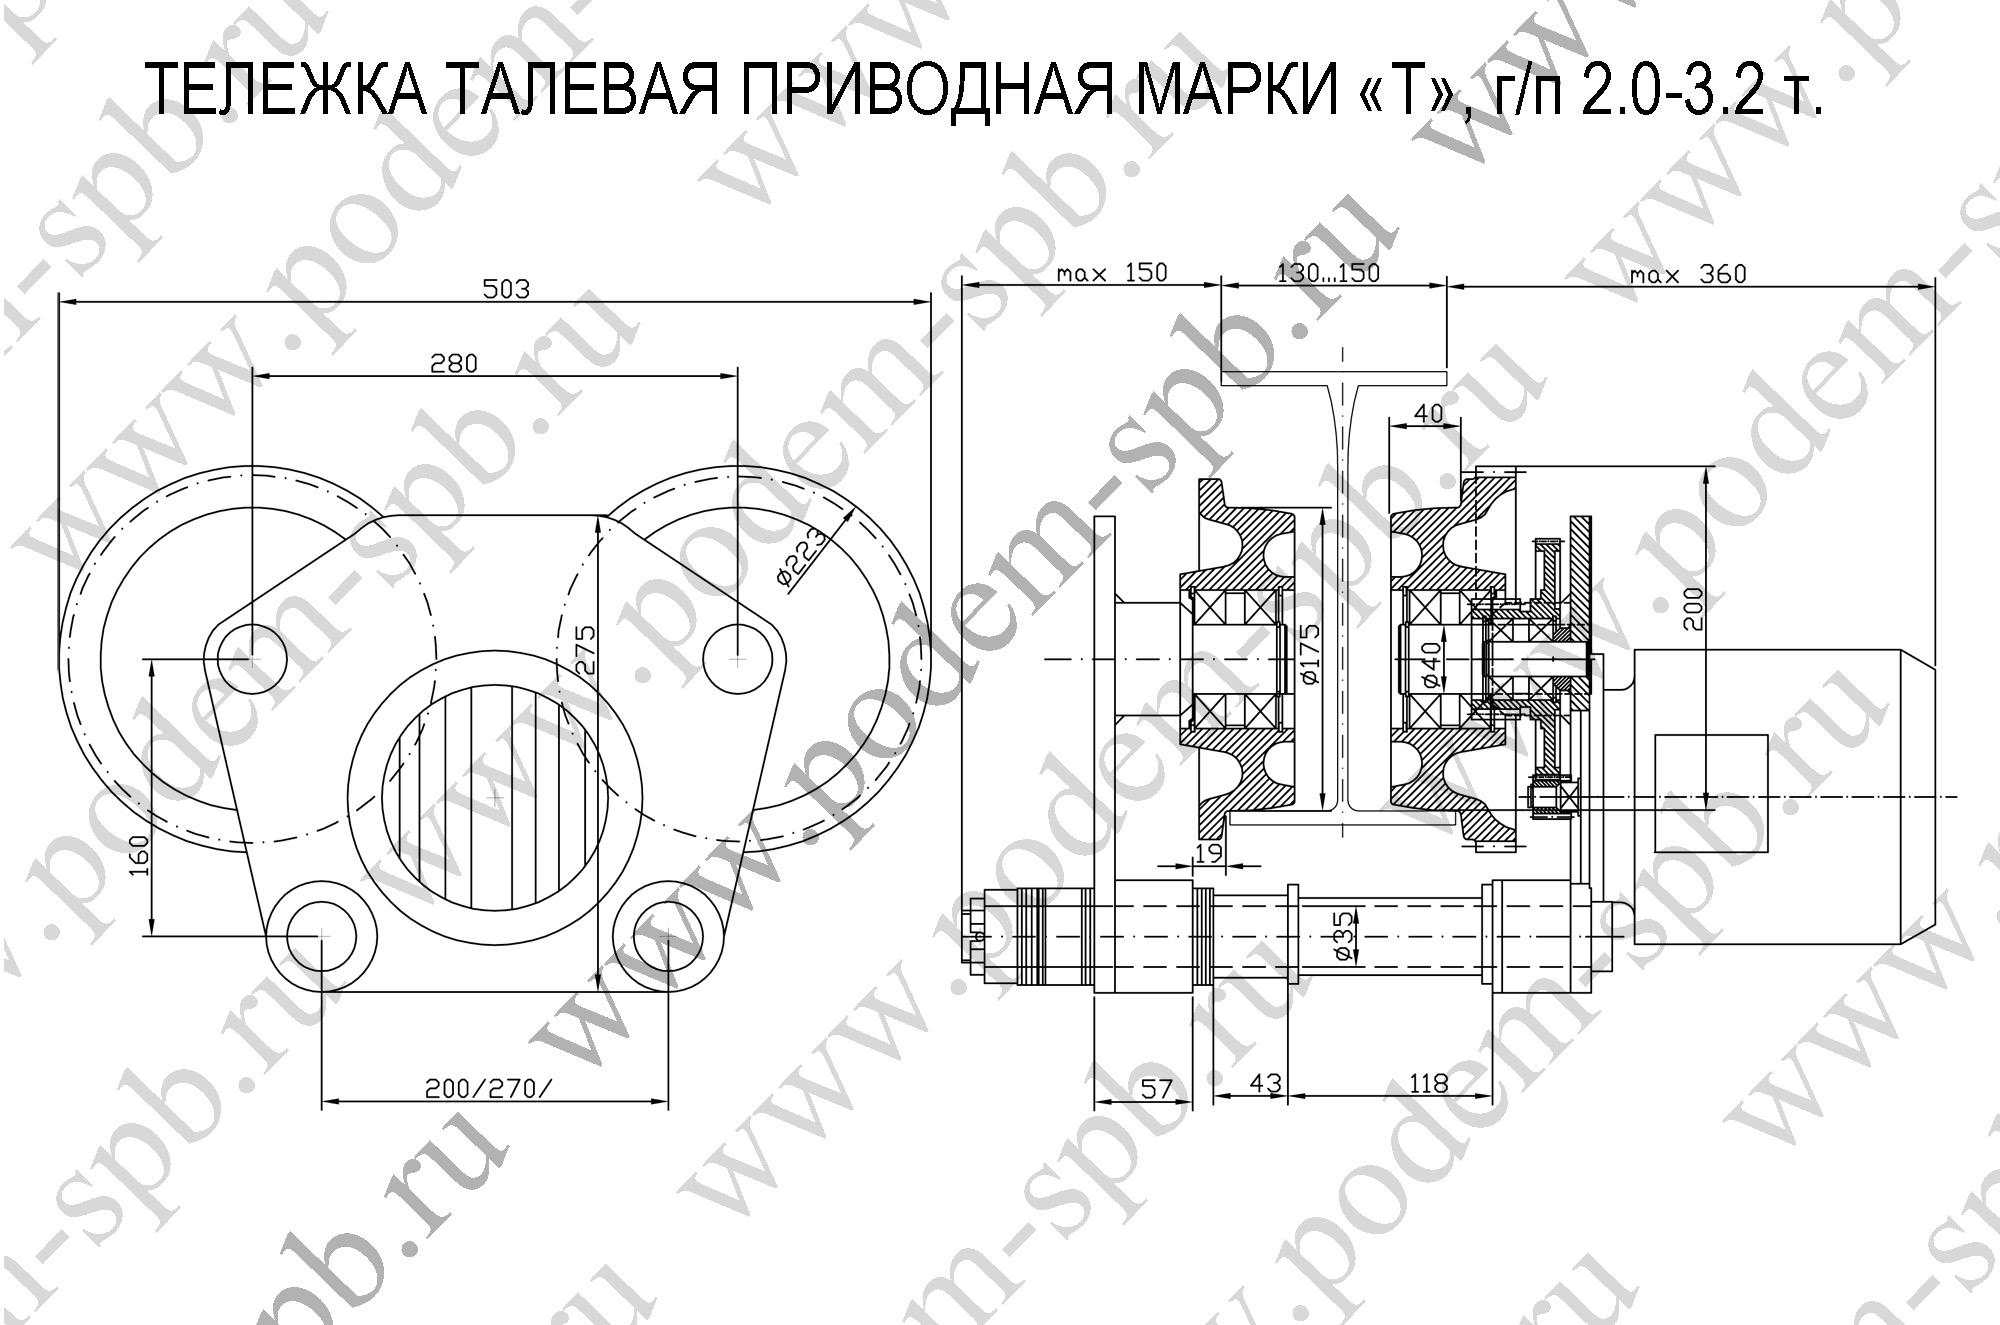 Тележка талевая приводная жесткая г/п 2.0-3.2 т.